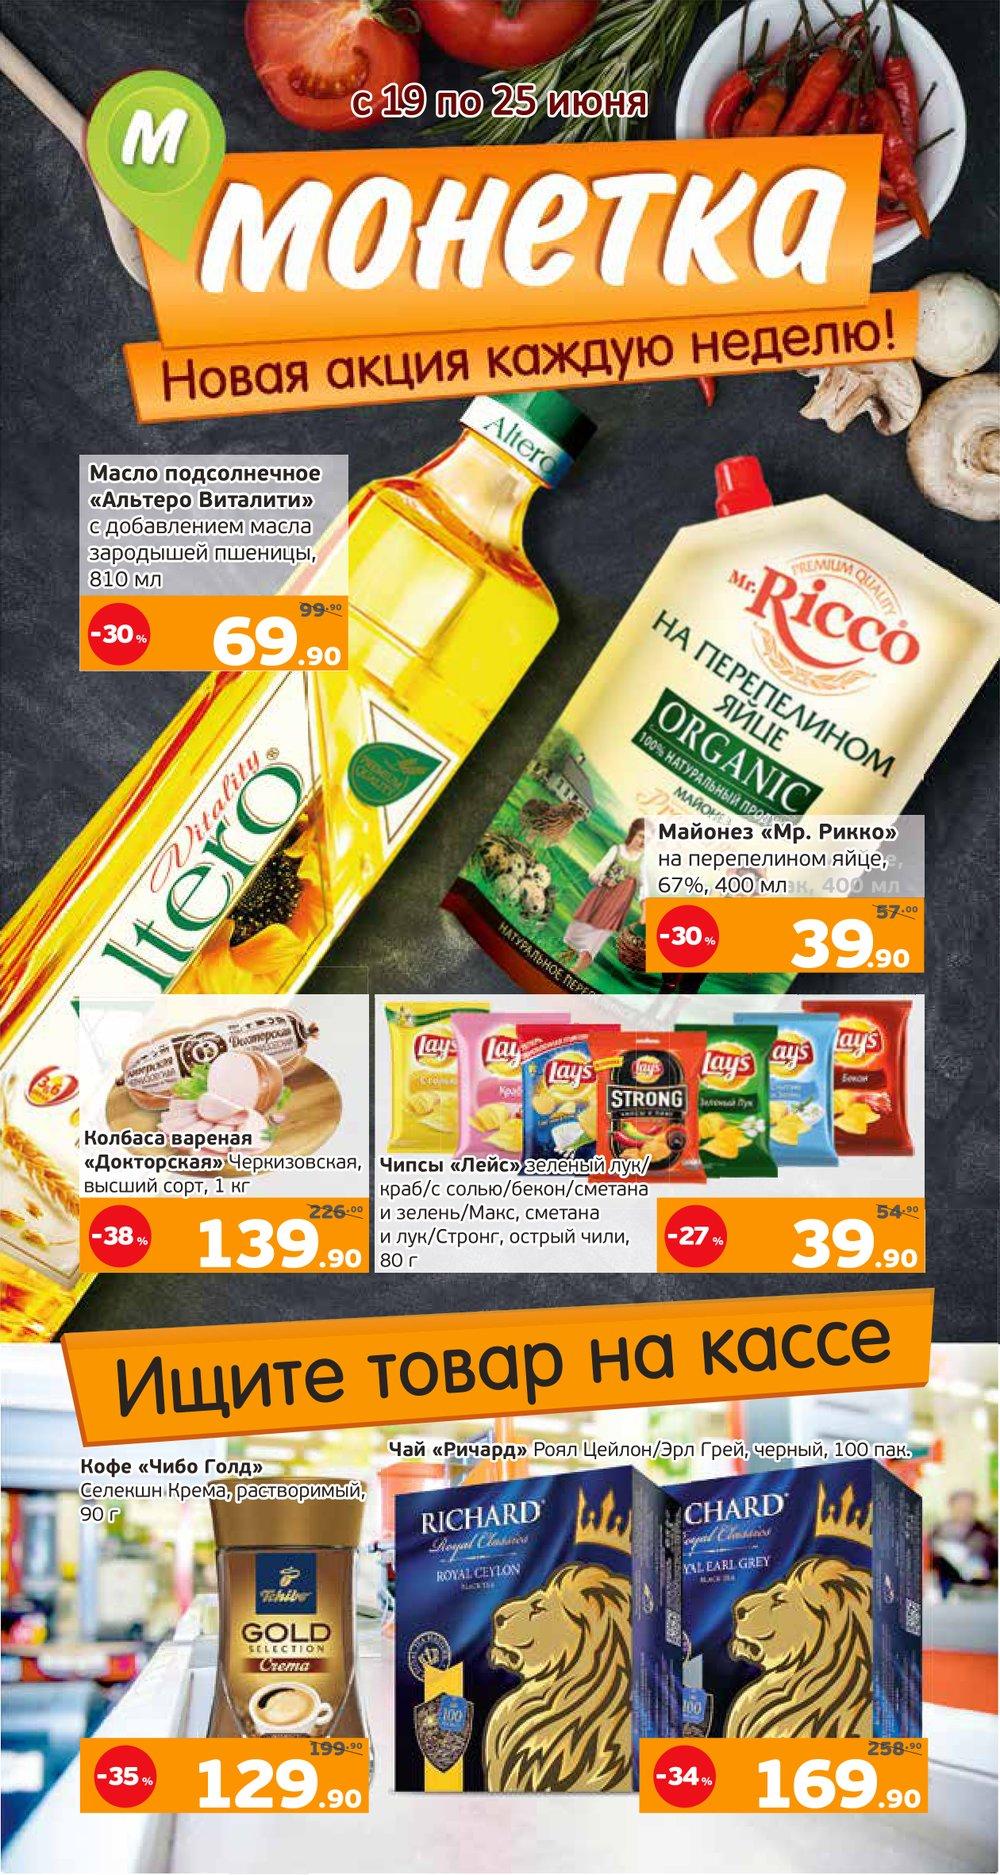 Каталог акций Монетка с 19 по 25 июня 2017 - стр. 2